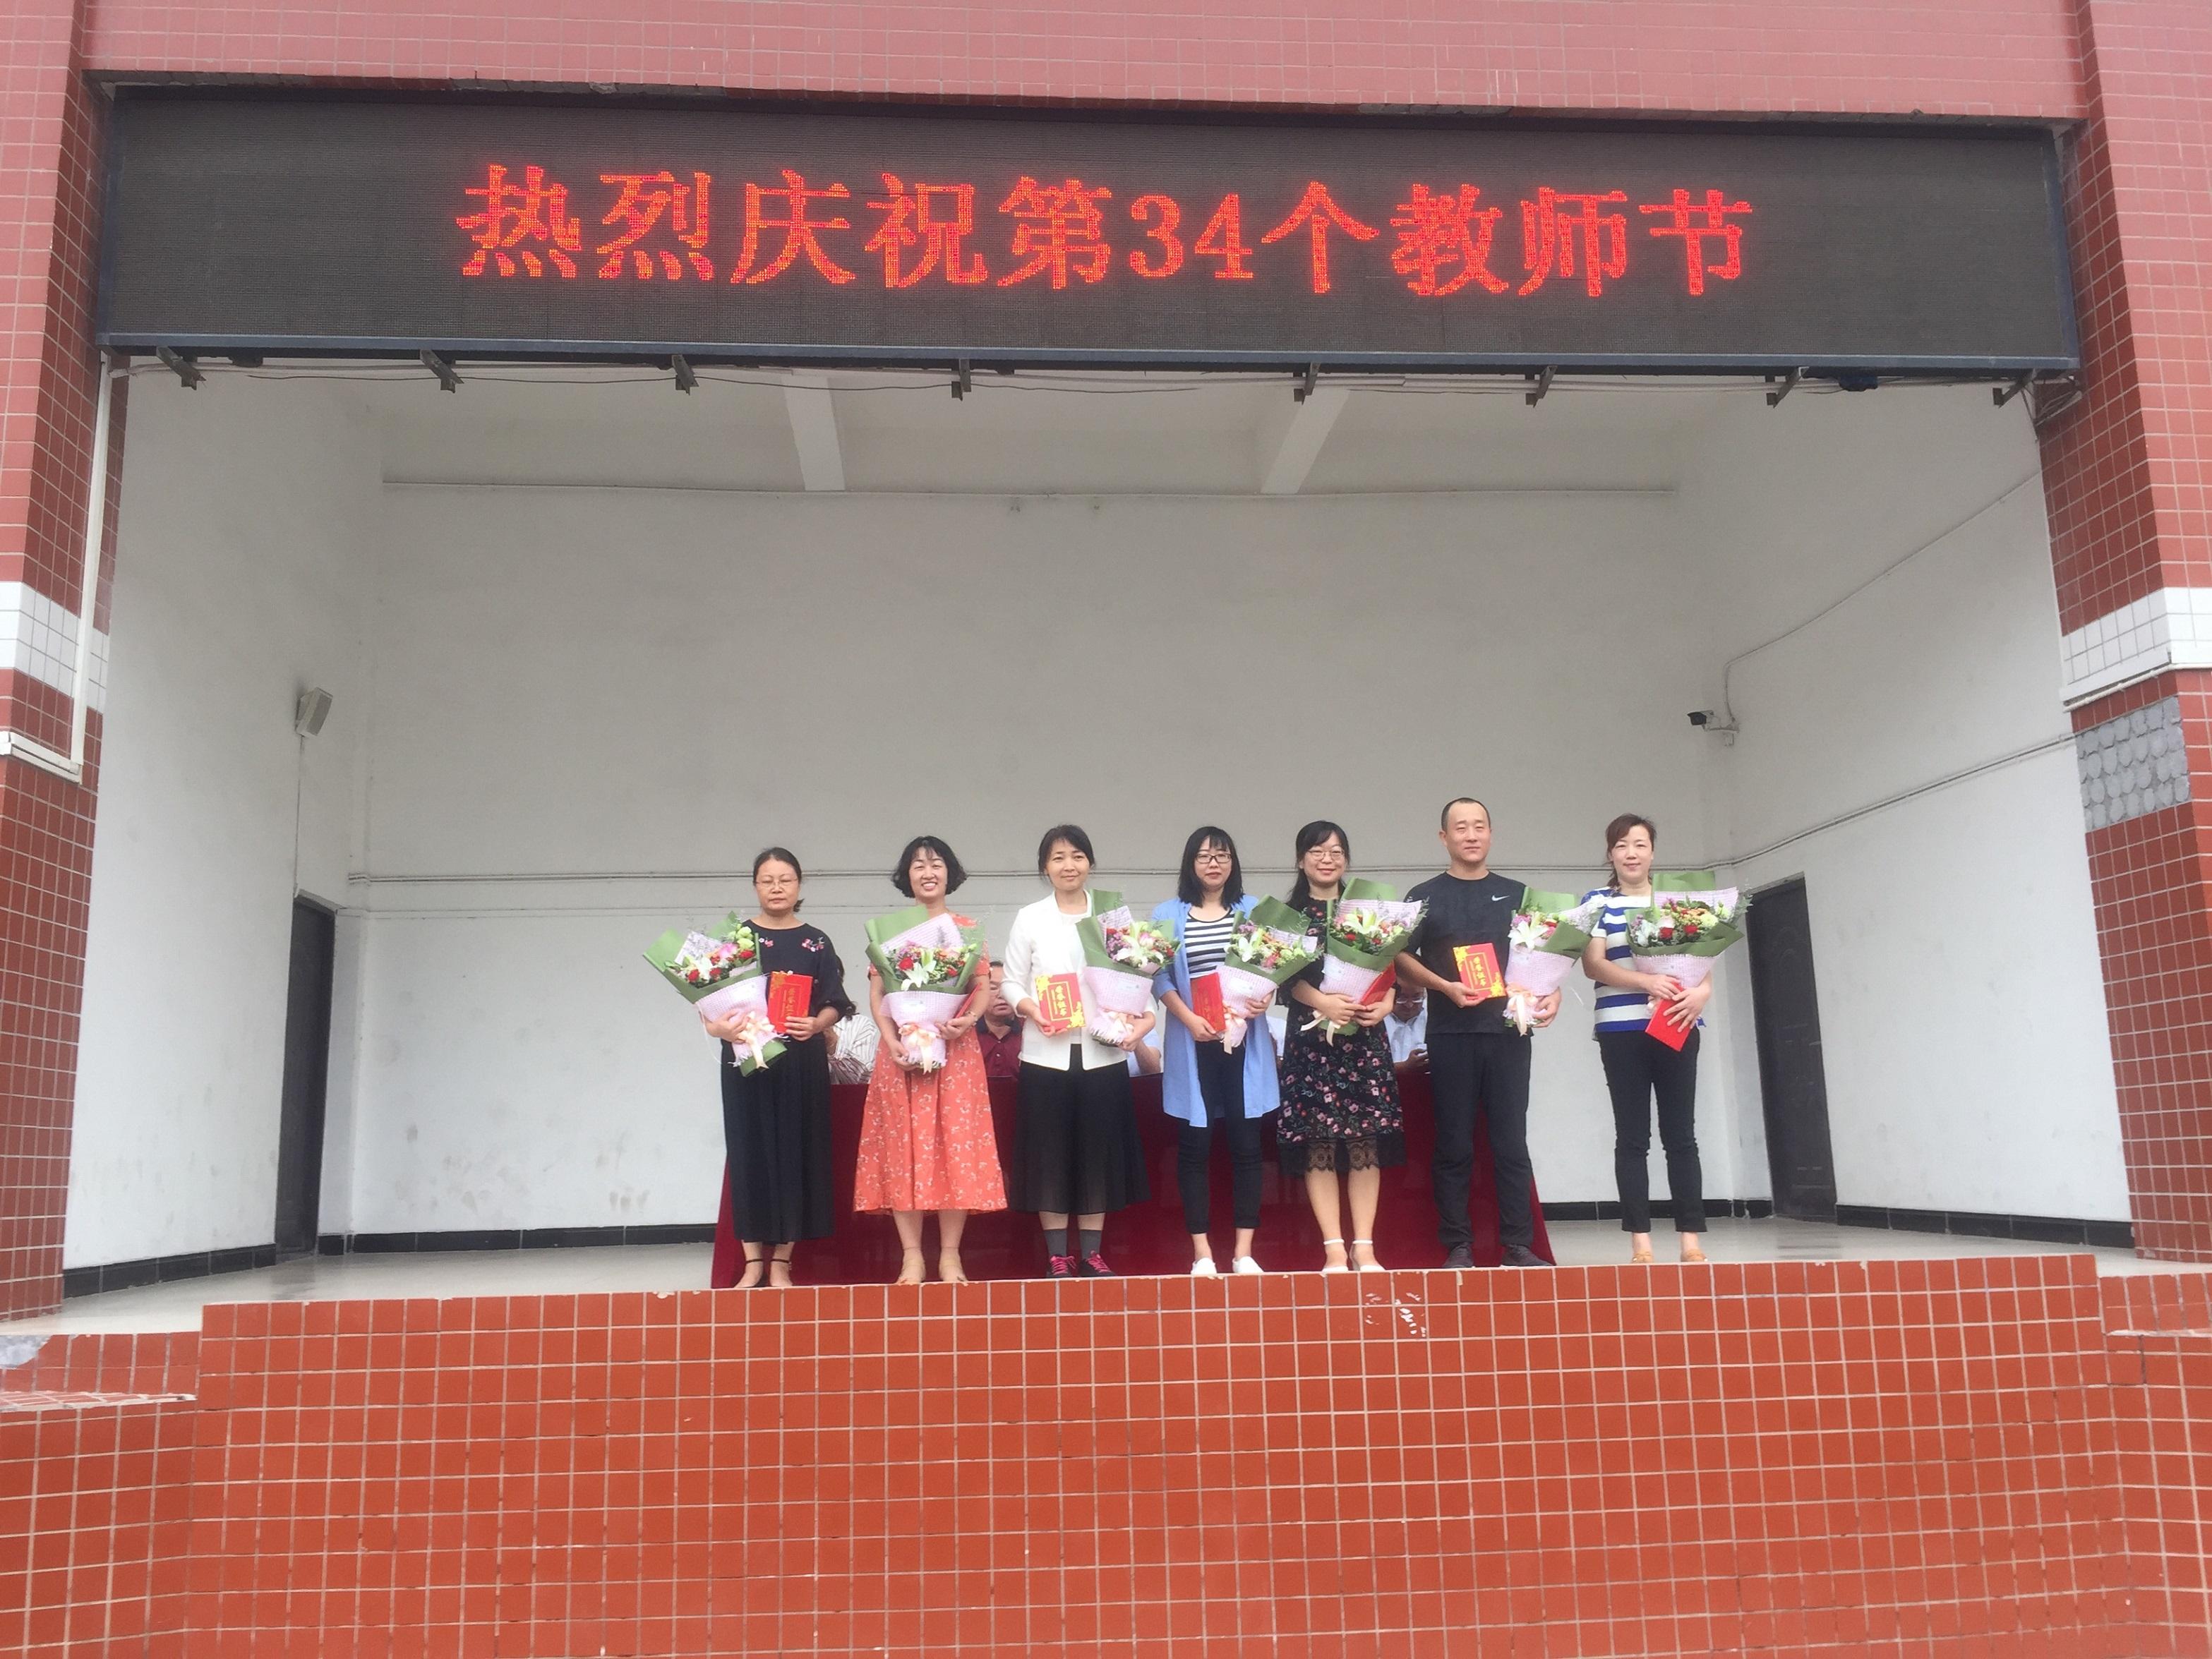 教师表彰大会_郑州61中举行庆祝第34个教师节暨表彰大会